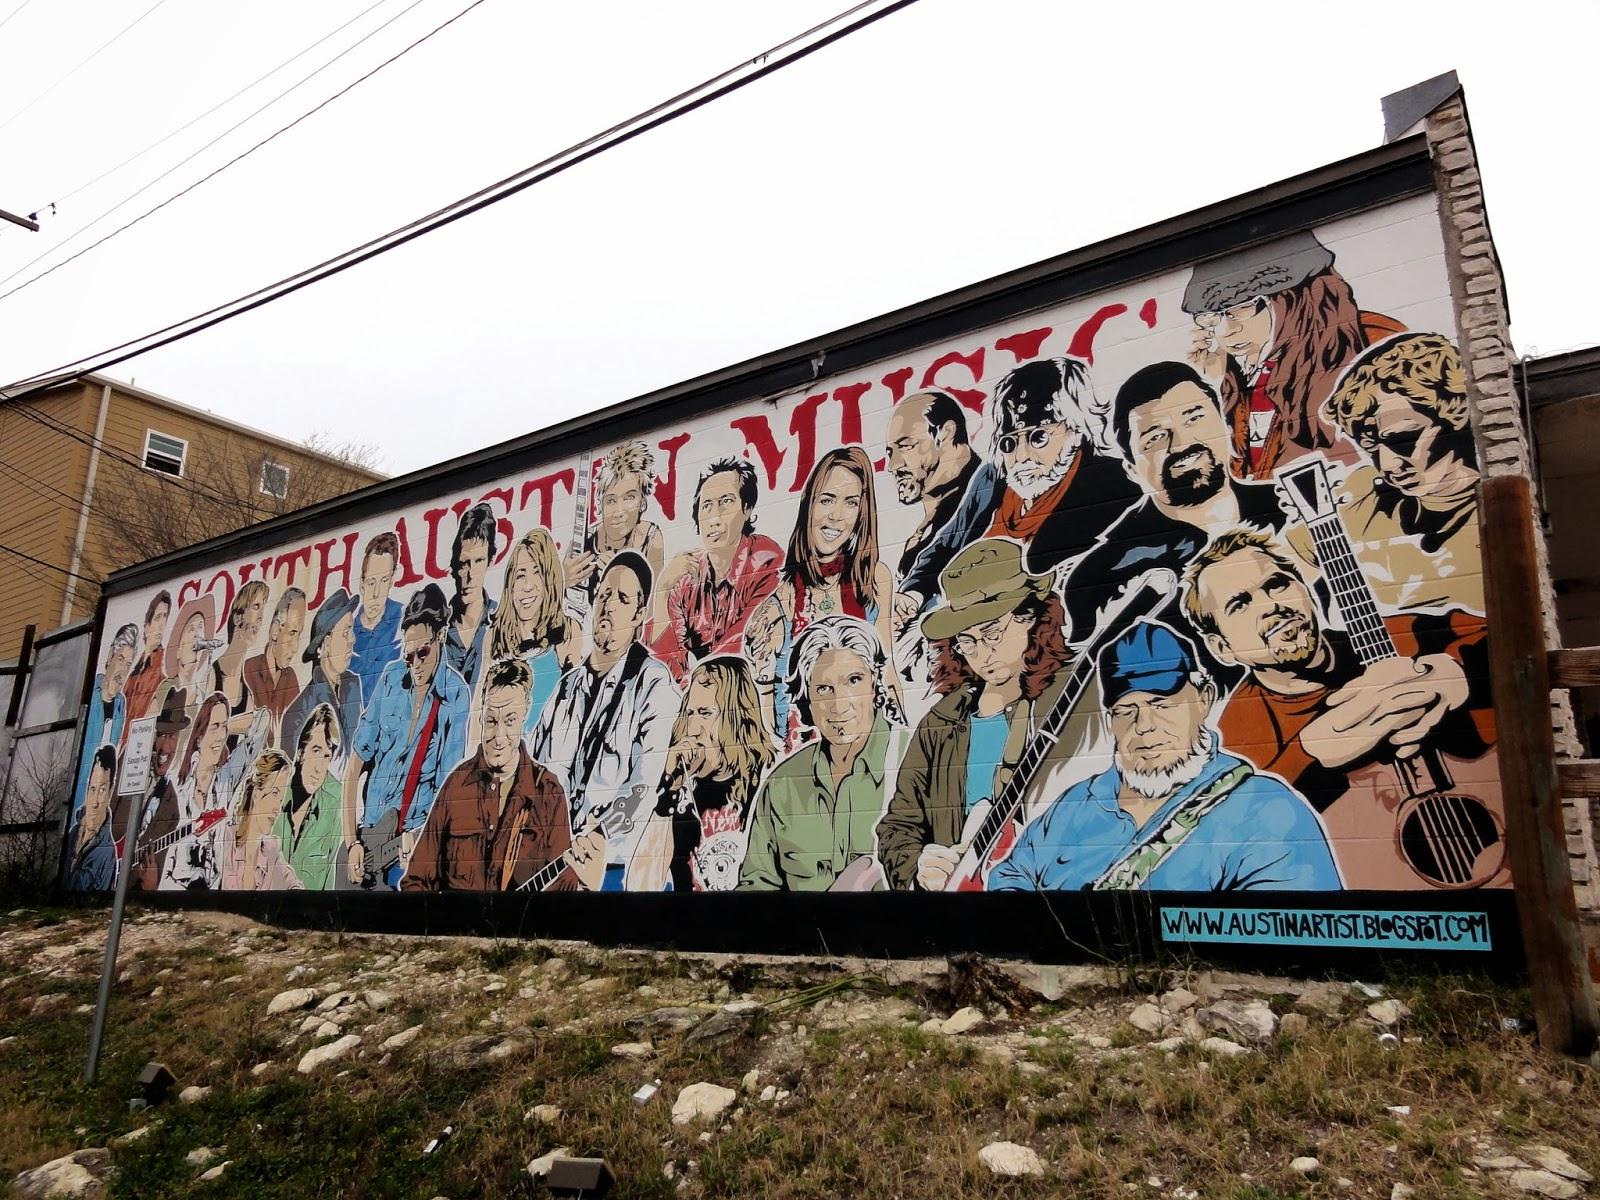 45894b68d8e Exploring Austin Street Art  Graffiti